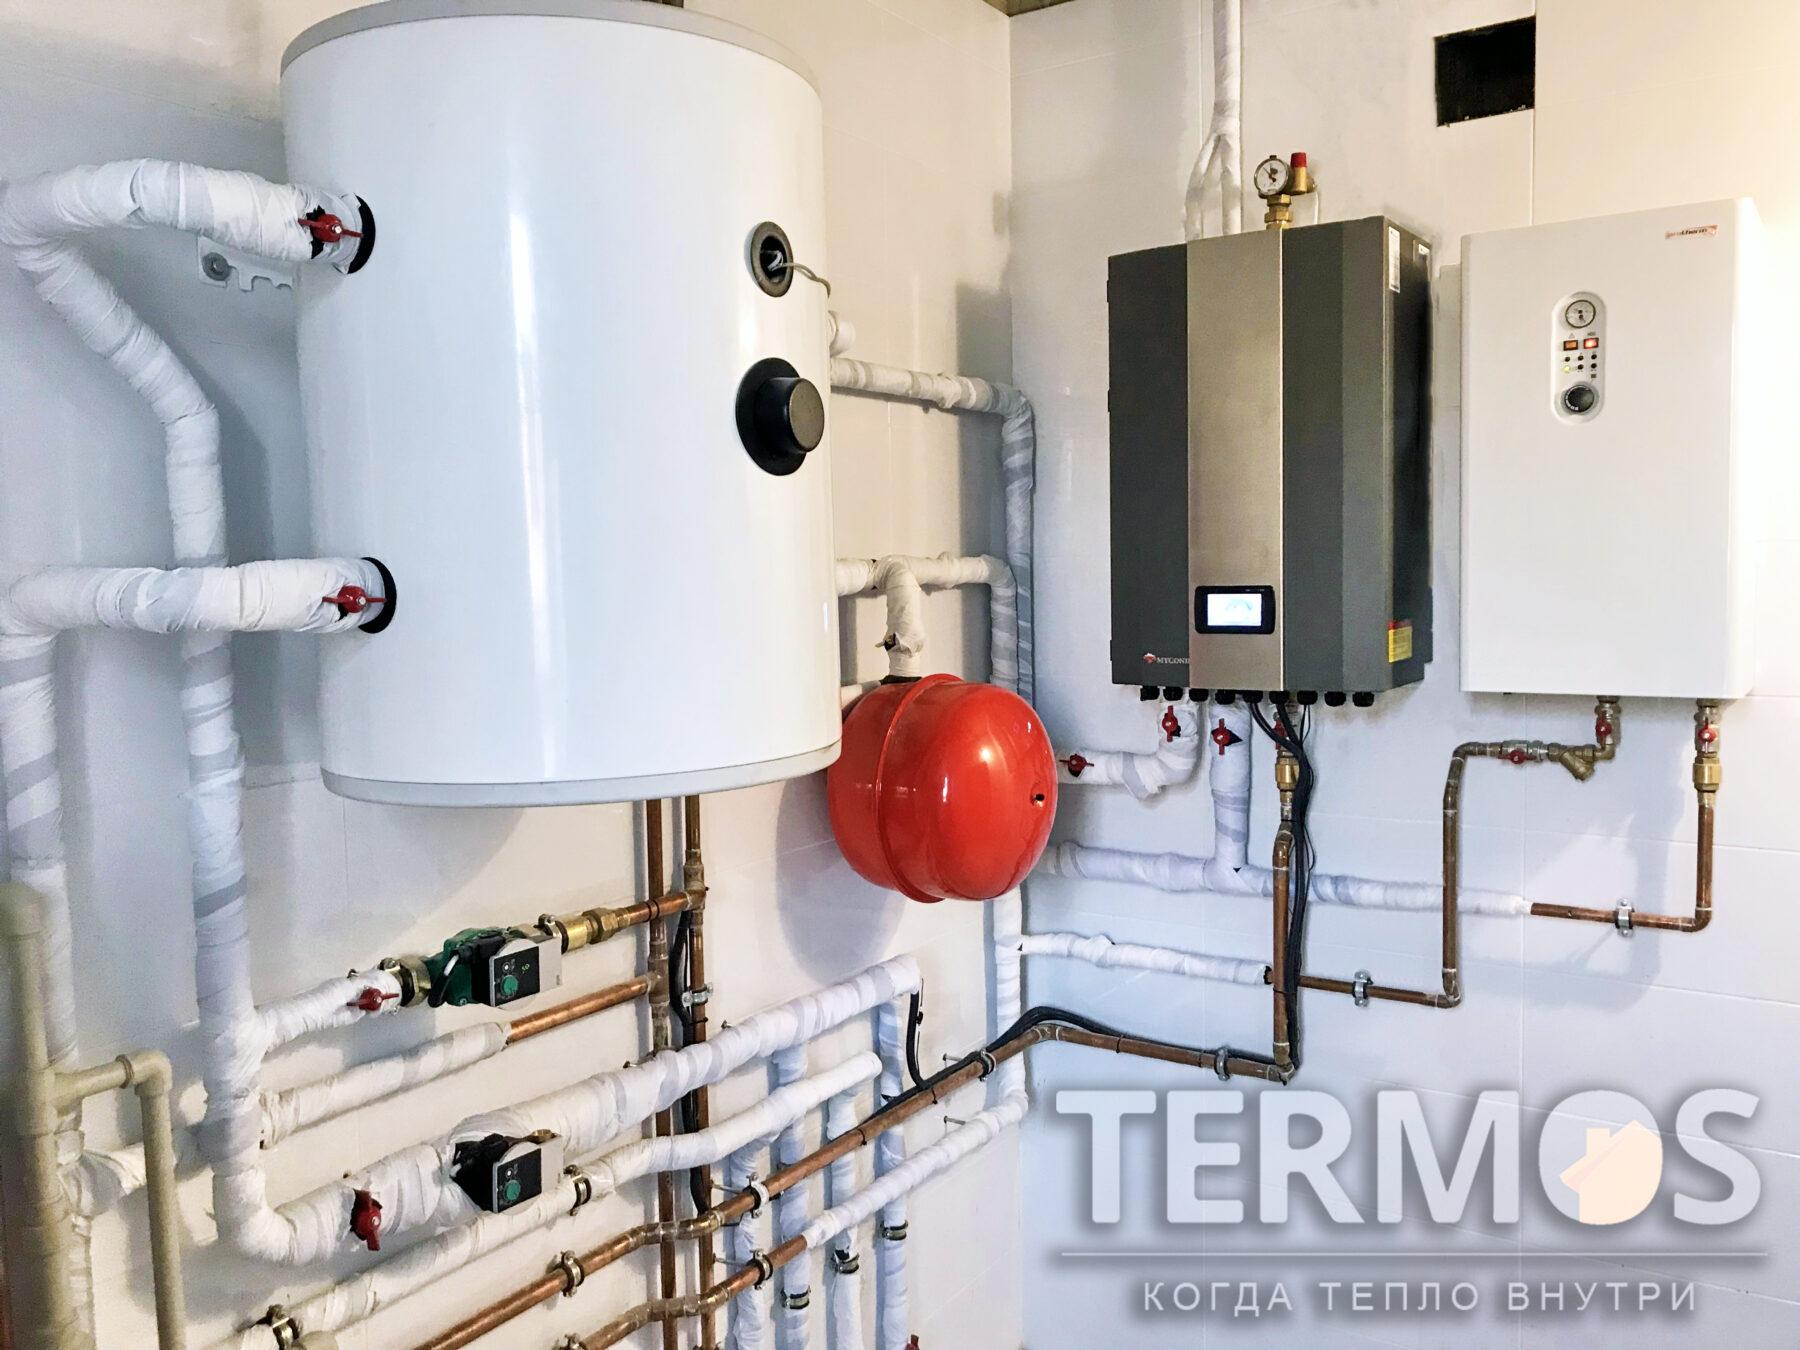 Козин. Коттедж 200 кв.м. Внутренний блок воздушного теплового насоса Mycond. В качестве дополнительного нагрева используется электрический котёл Protherm 18 кВт